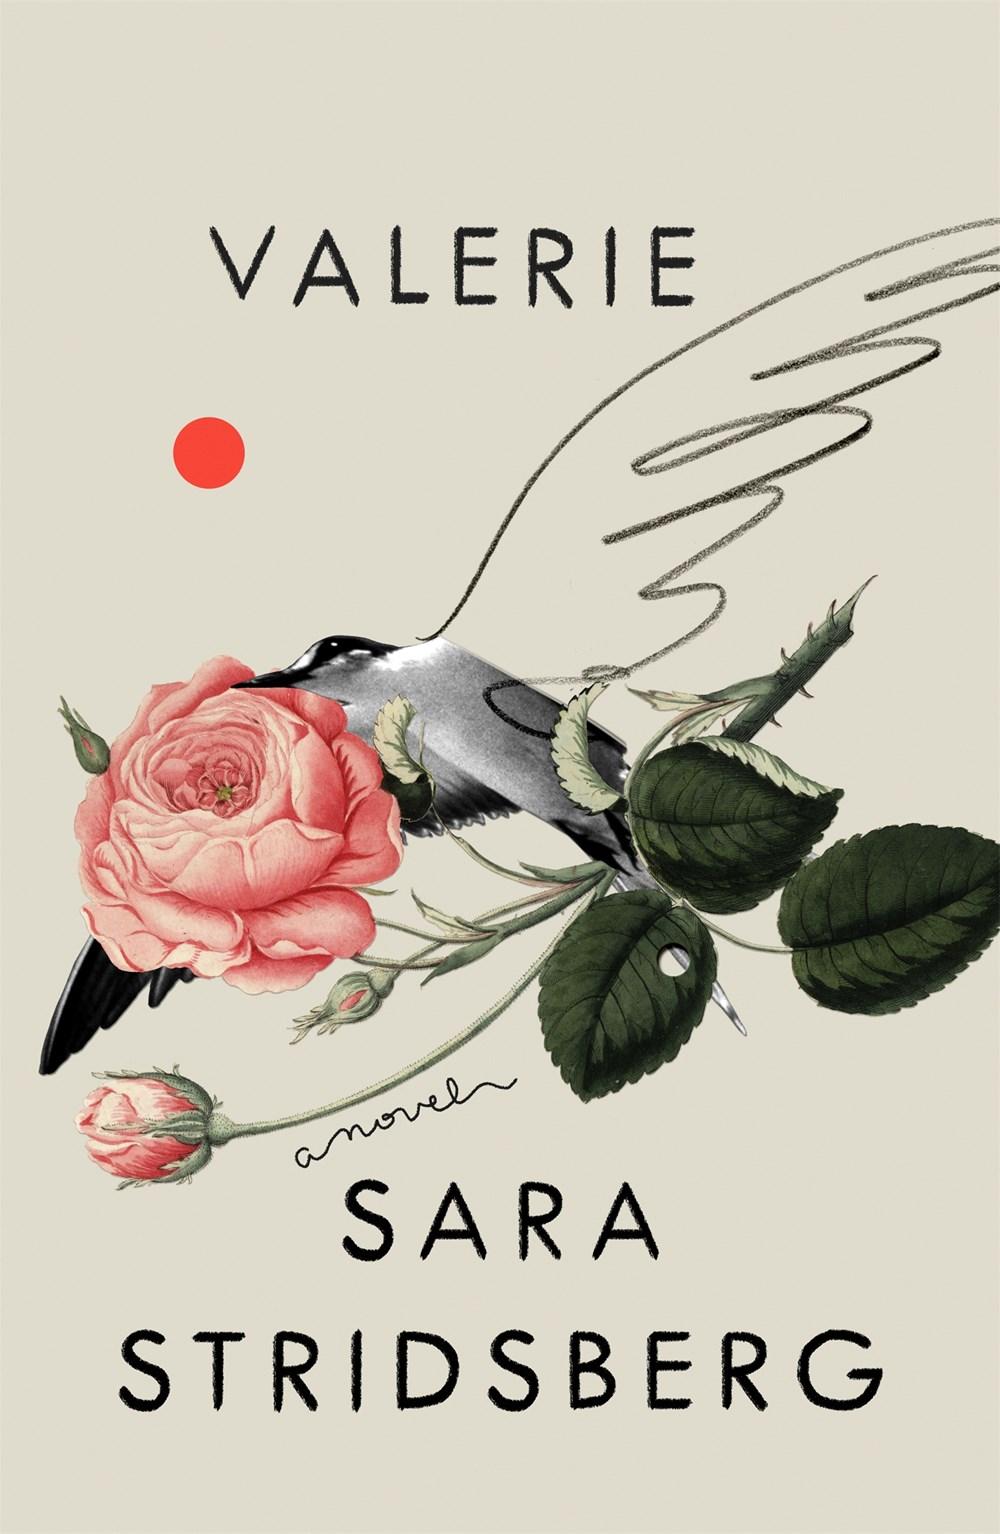 Картинки по запросу sara stridsberg valerie